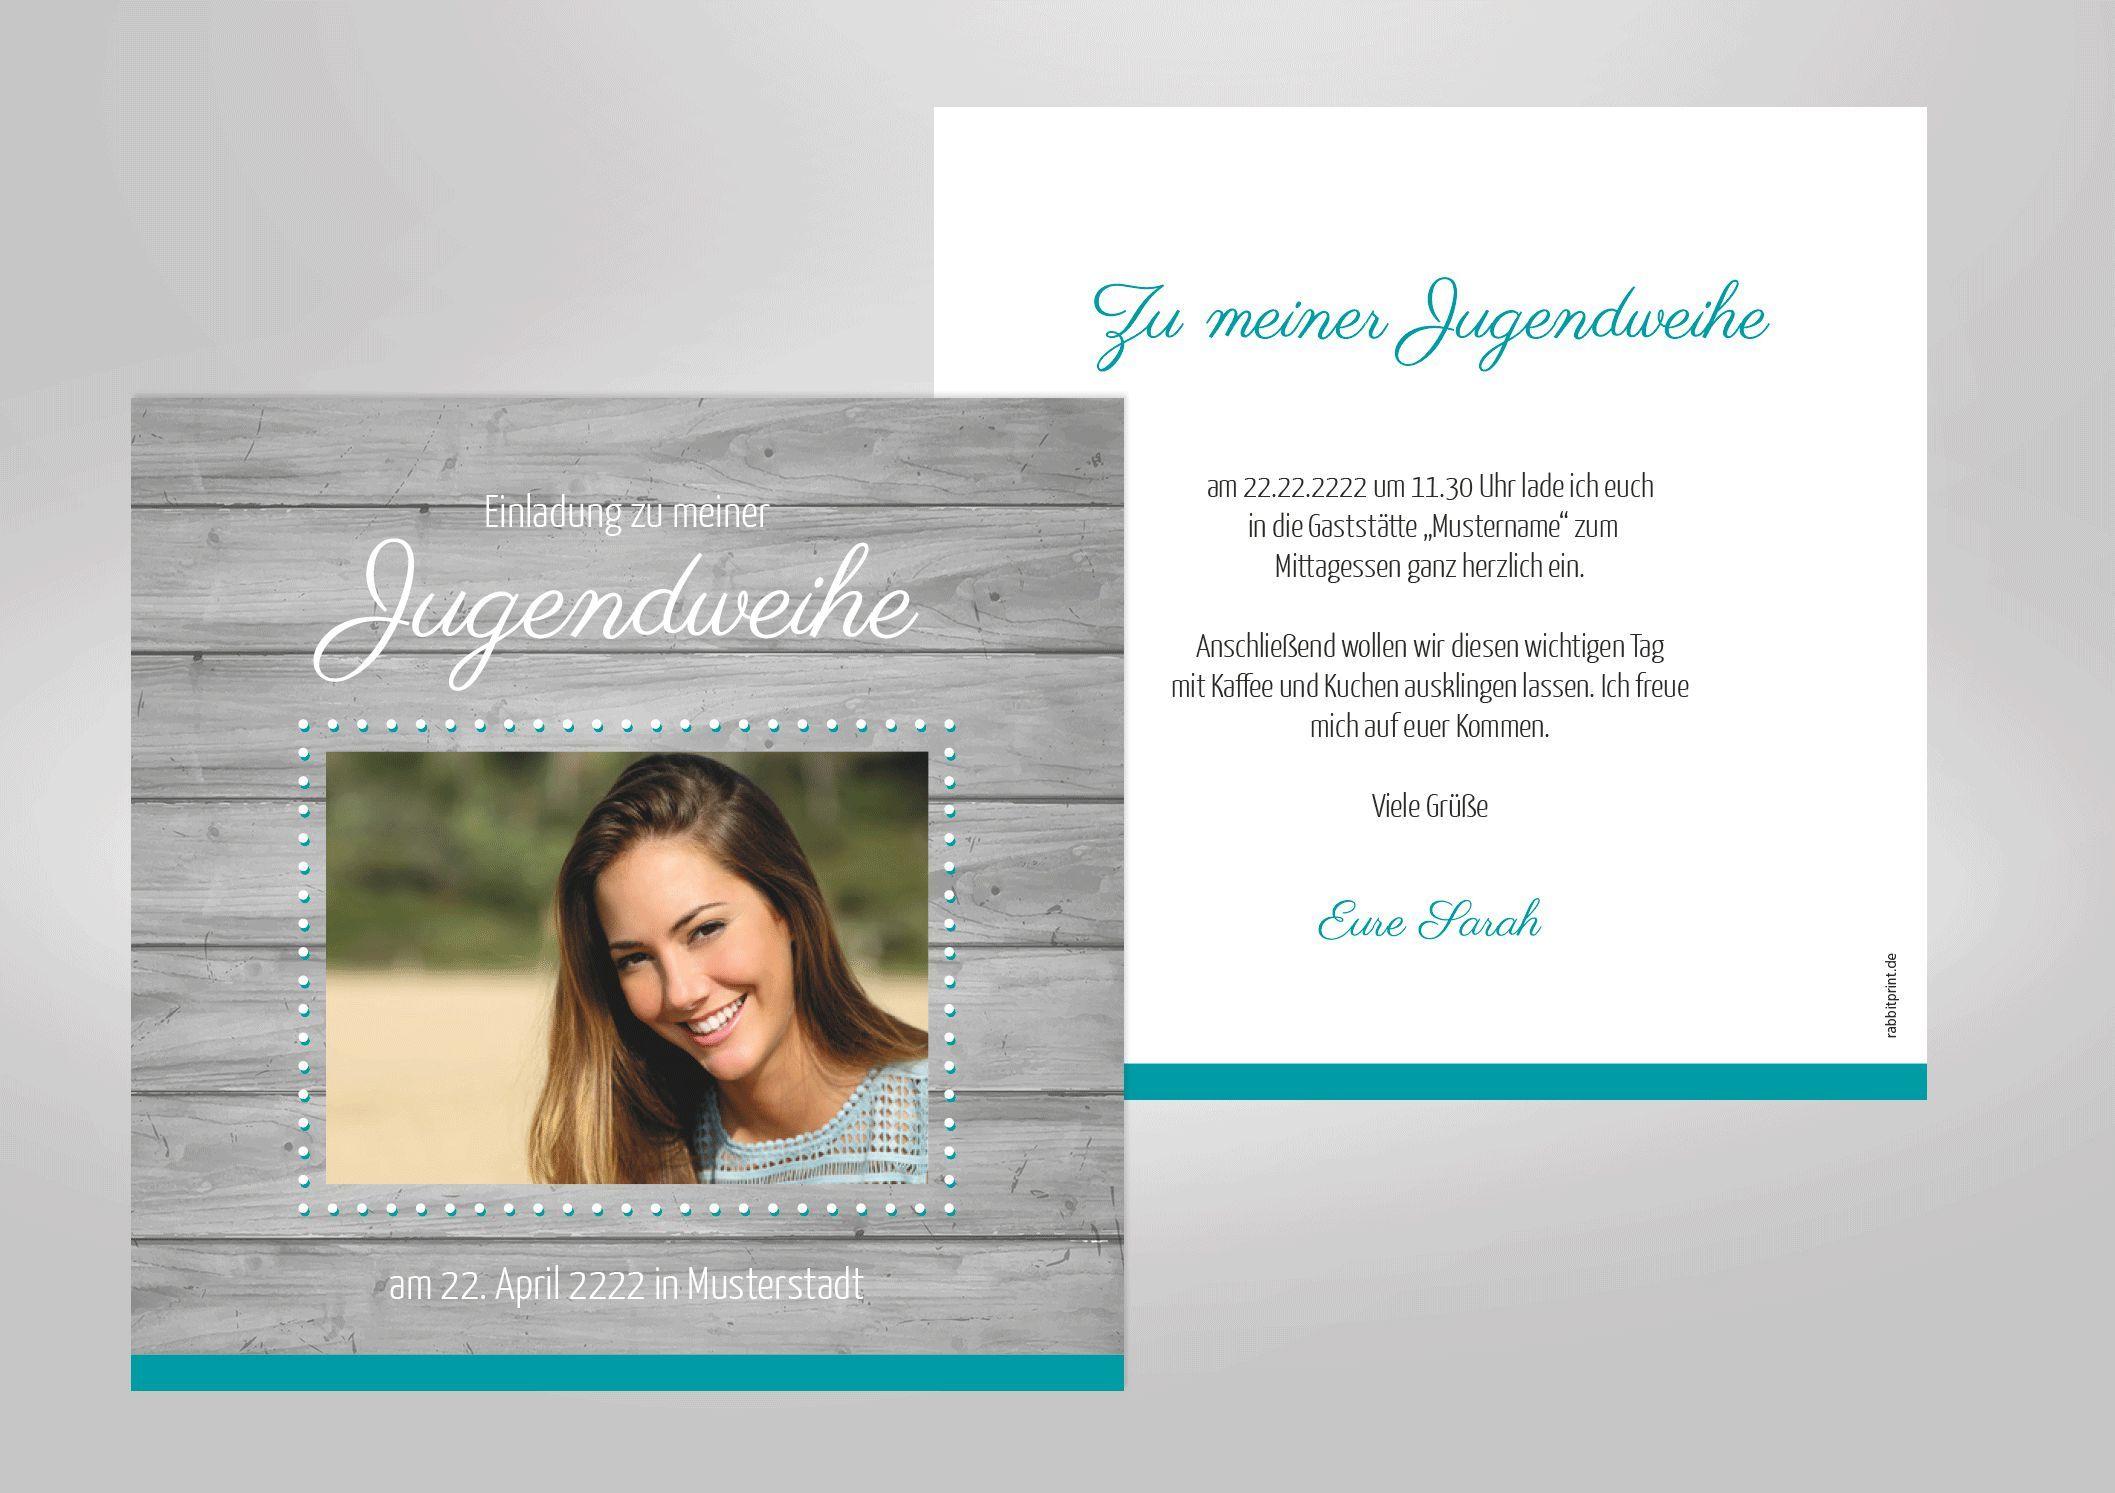 Einladungskarten Online Gestalten : Einladungskarten Online Gestalten Und  Ausdrucken   Einladungskarten Online   Einladungskarten Online